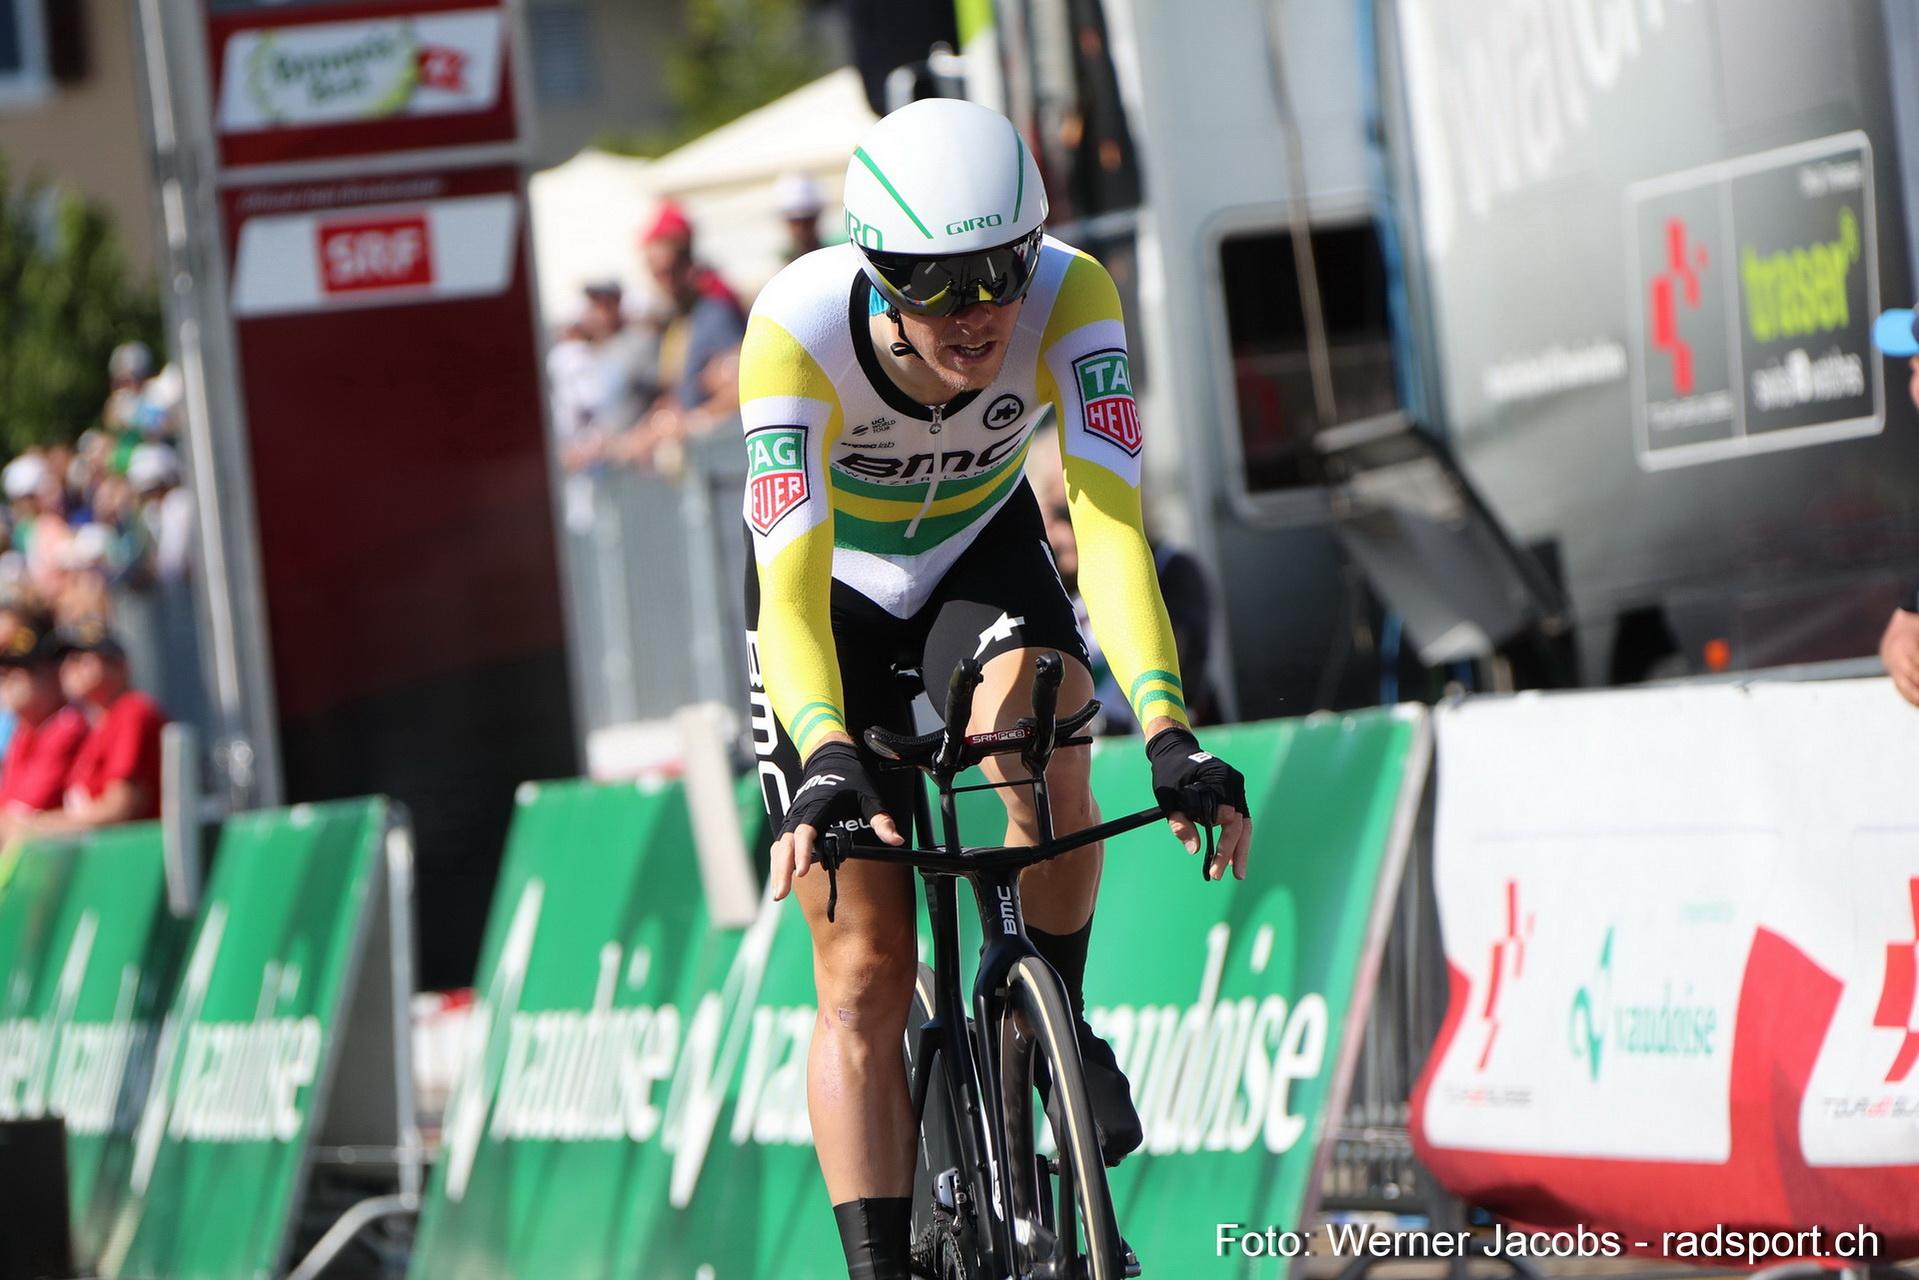 Tour de Suisse Prolog 2017